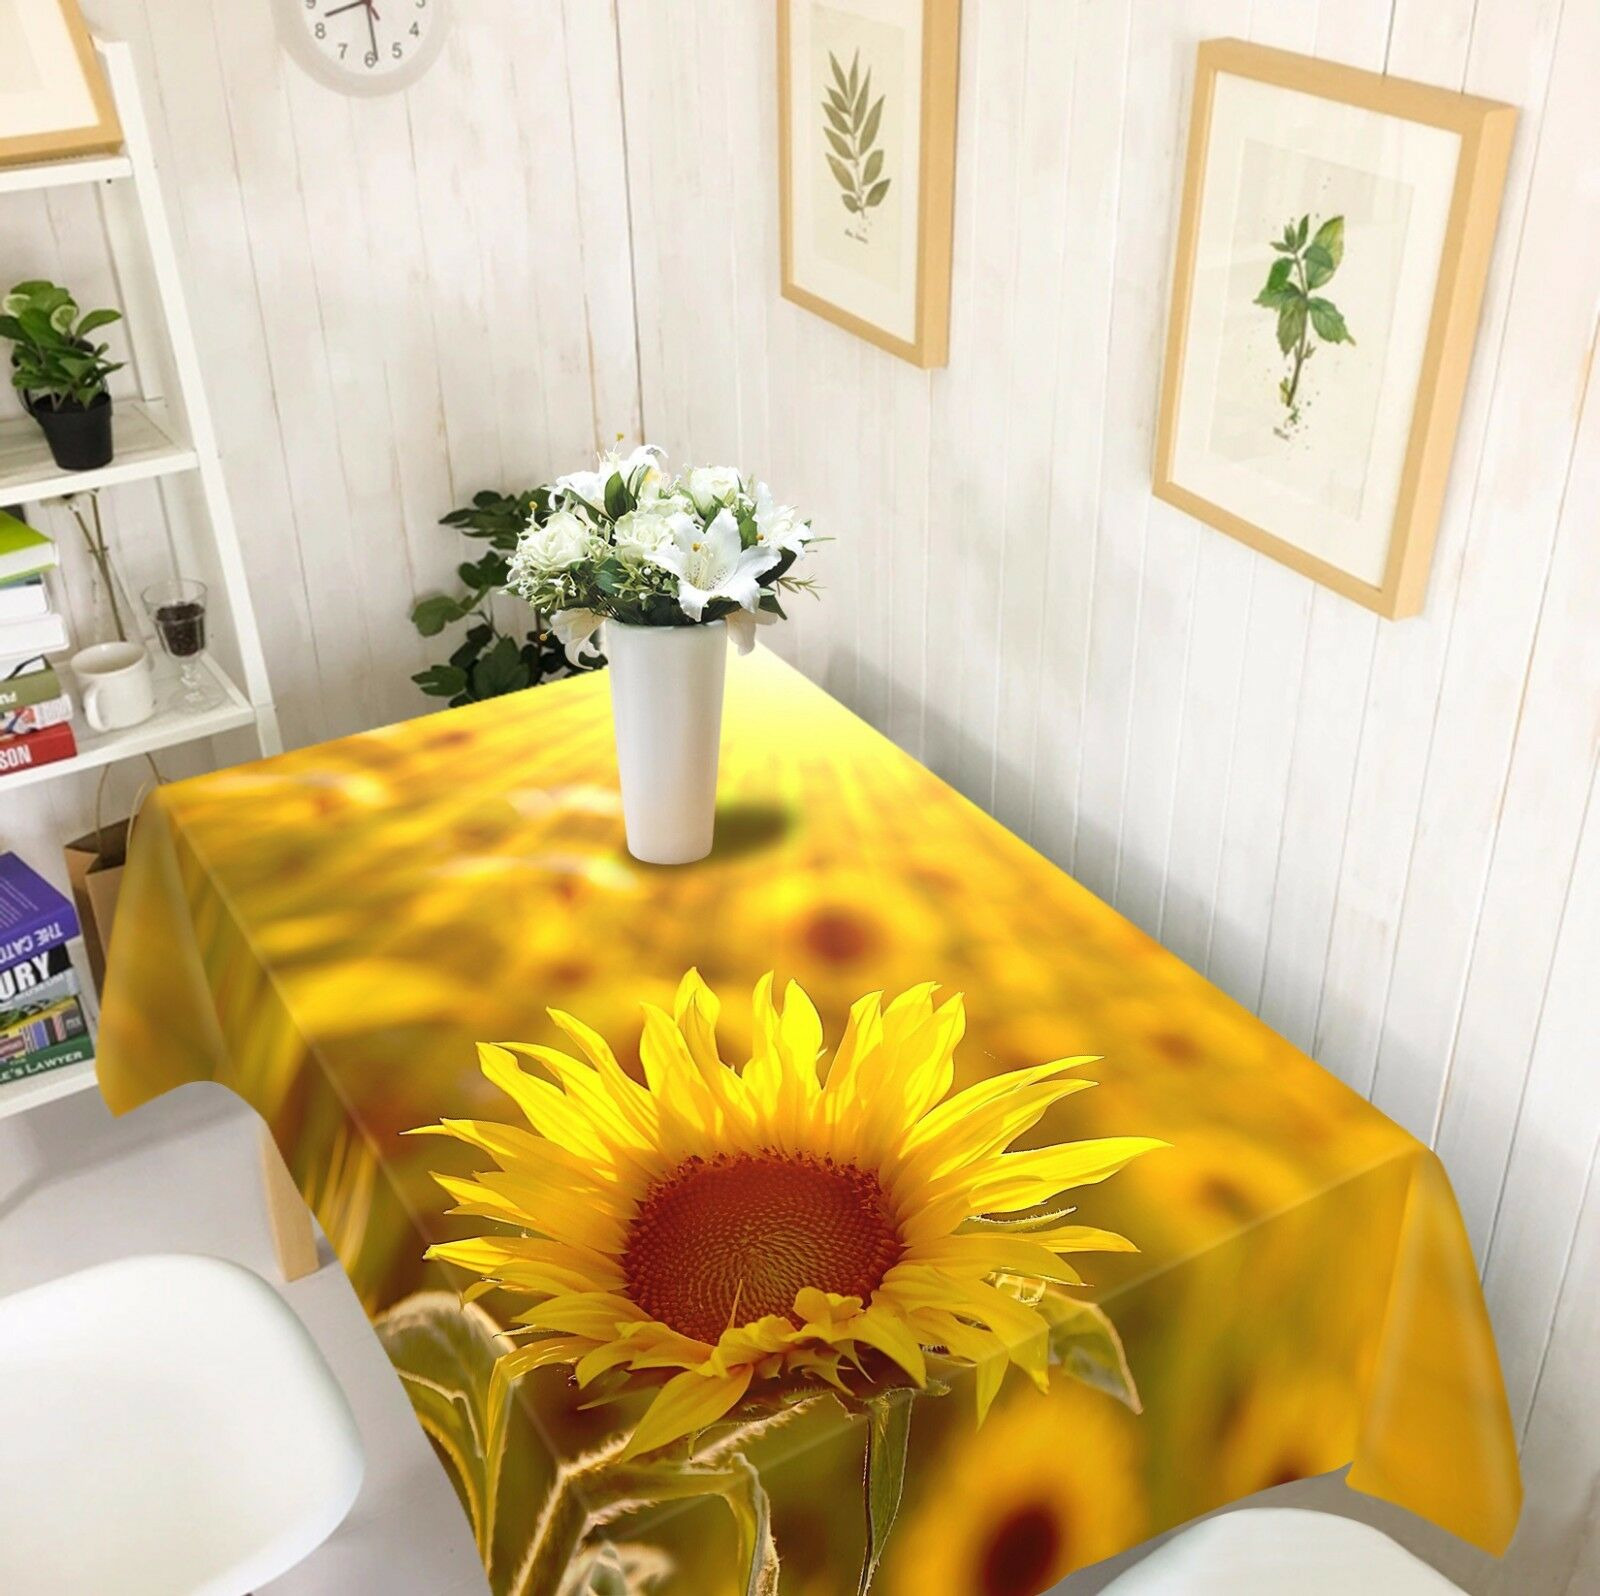 3D Fleur Soleil Nappe Table Cover Cloth fête d'anniversaire AJ papier peint Royaume-Uni Citron